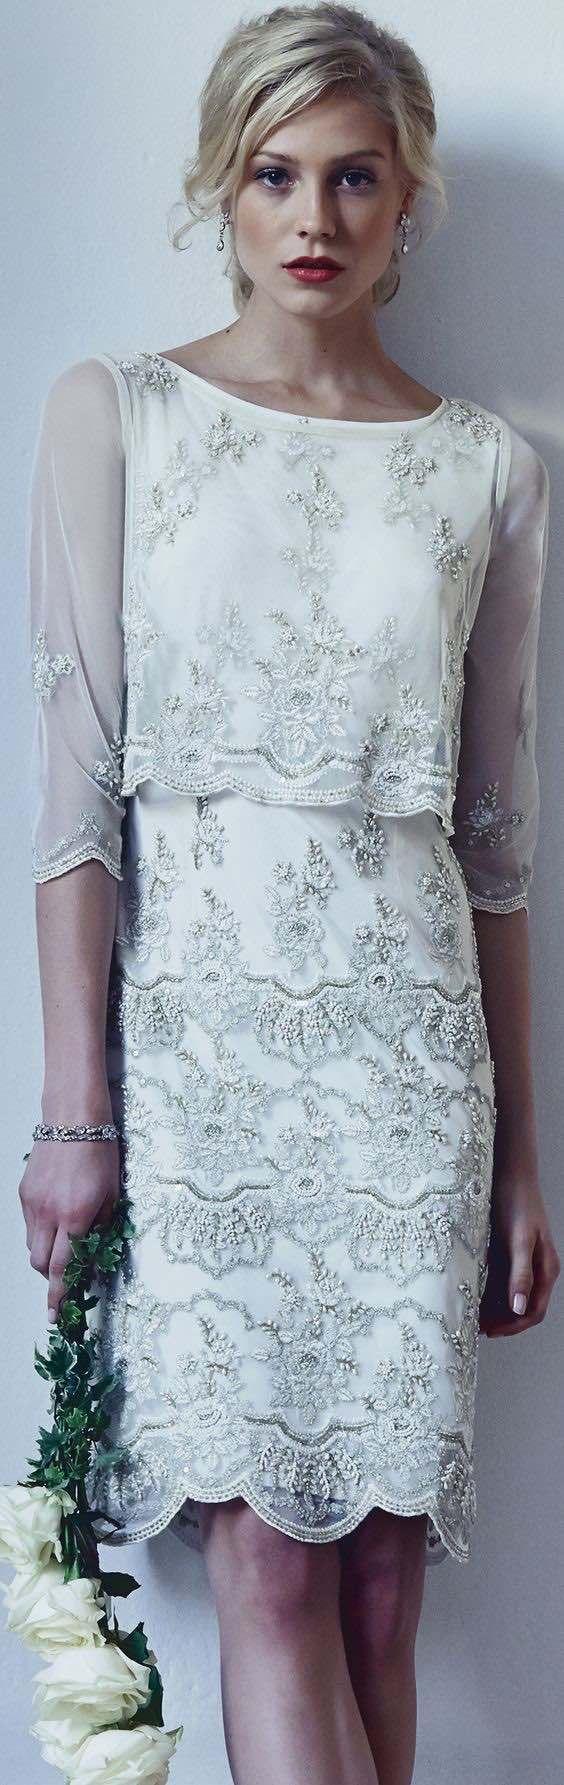 vestido novia corto3 - Vestidos De Novia Cortos Que Te Encantaran